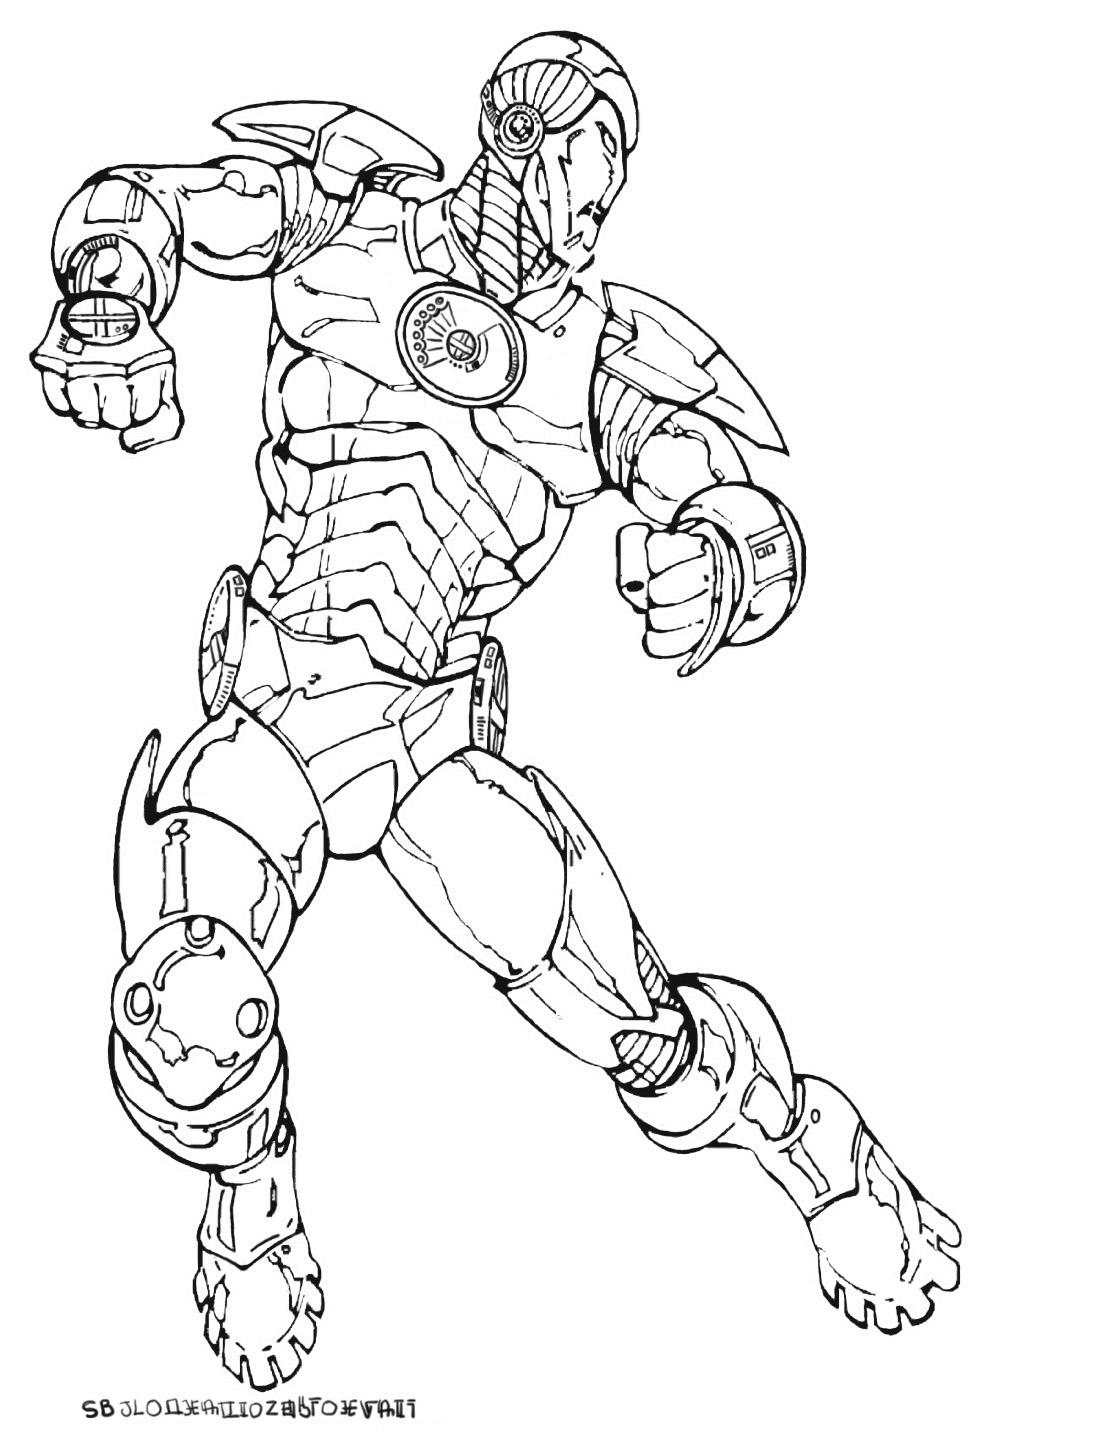 coloriages du super héros ironman.